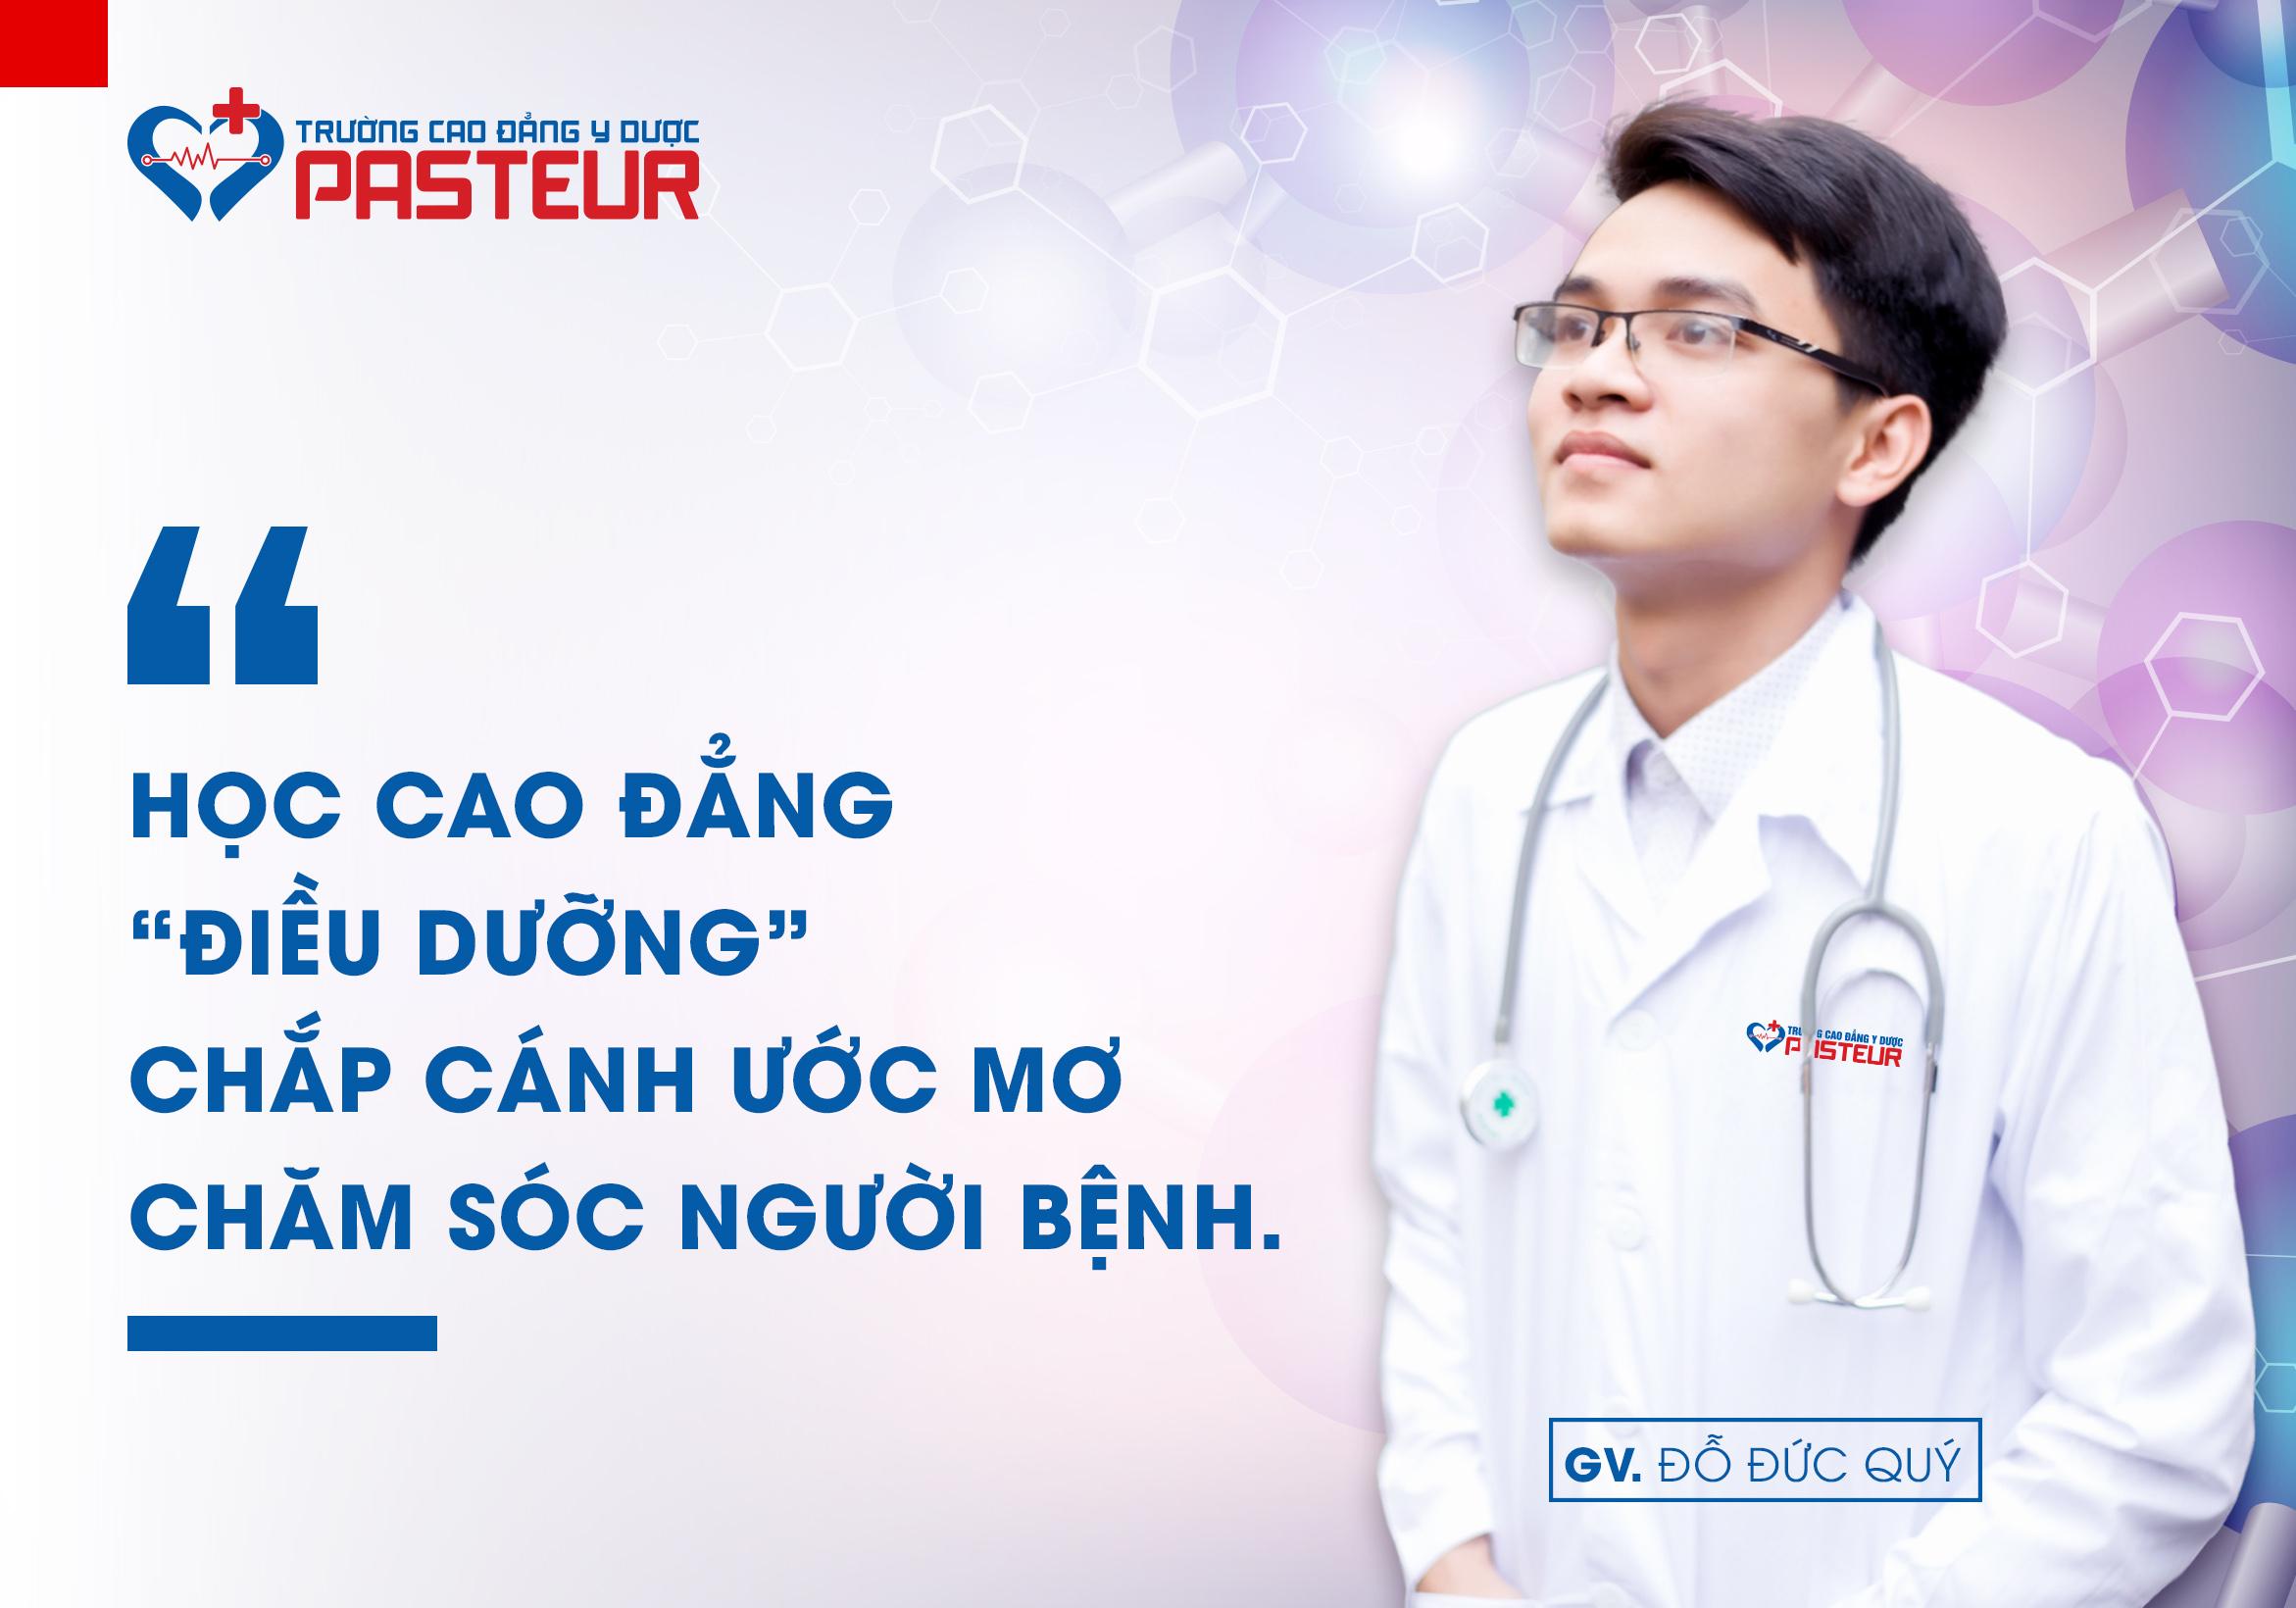 Chắp cánh ước mơ cho sinh viên Cao đẳng Điều dưỡng